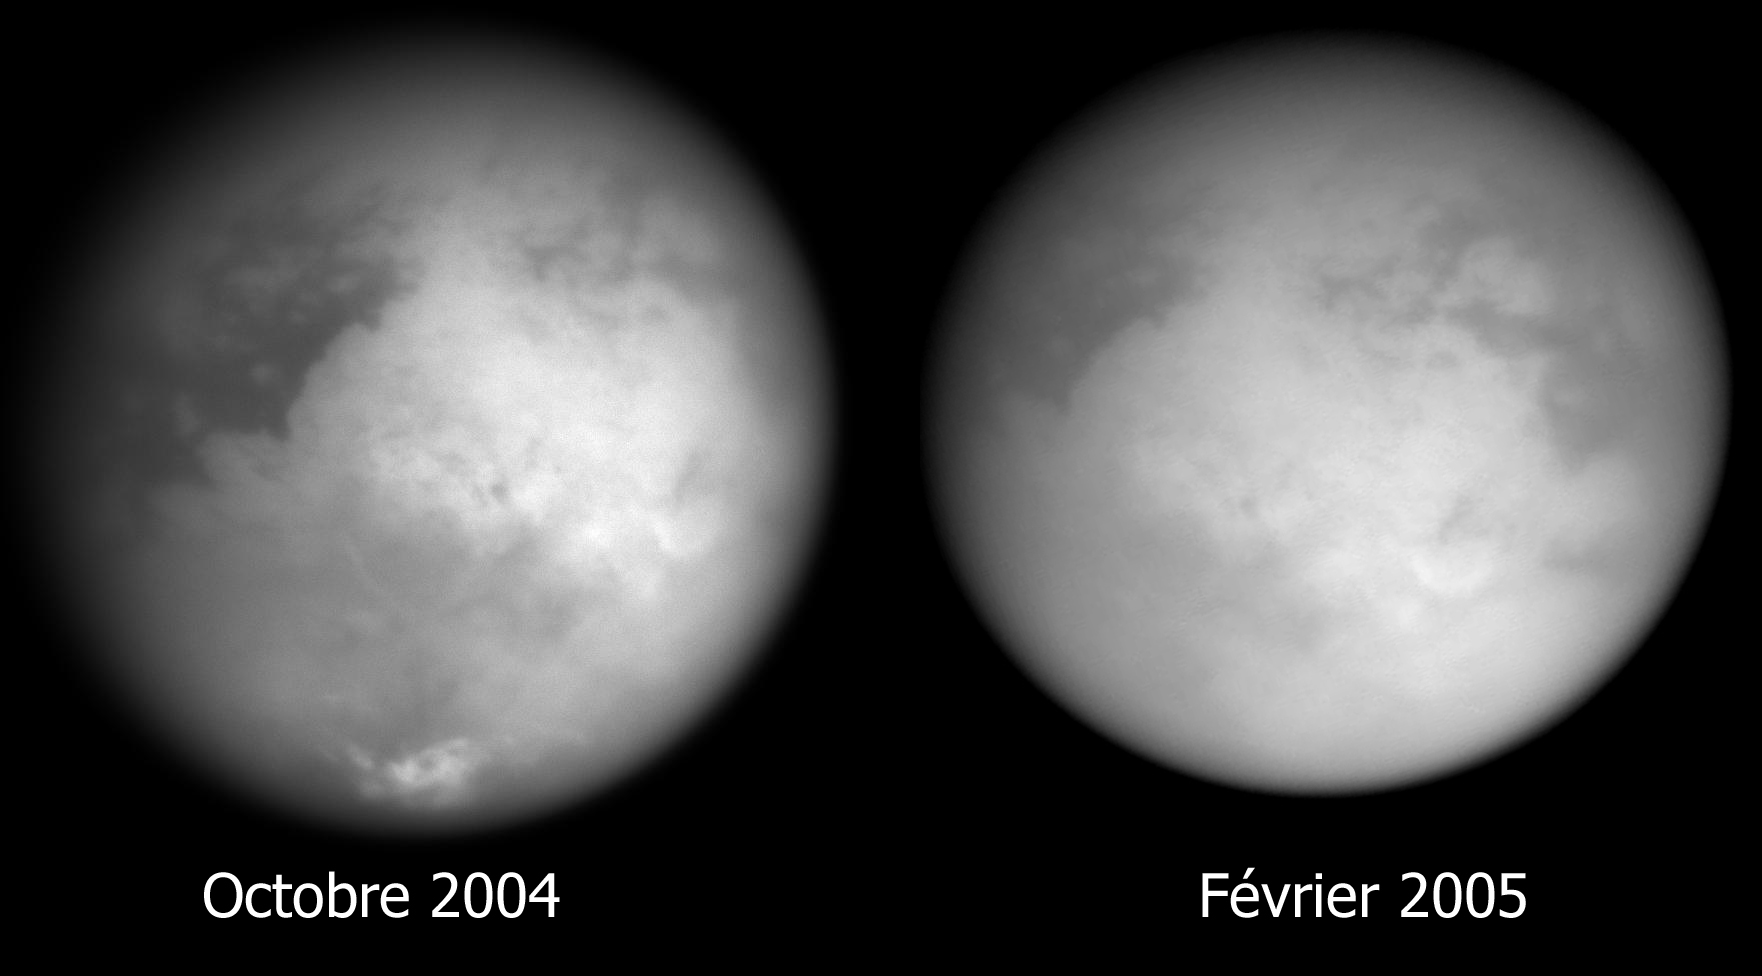 Comparaison des vues générales de Titan: octobre 2004 / février 2005